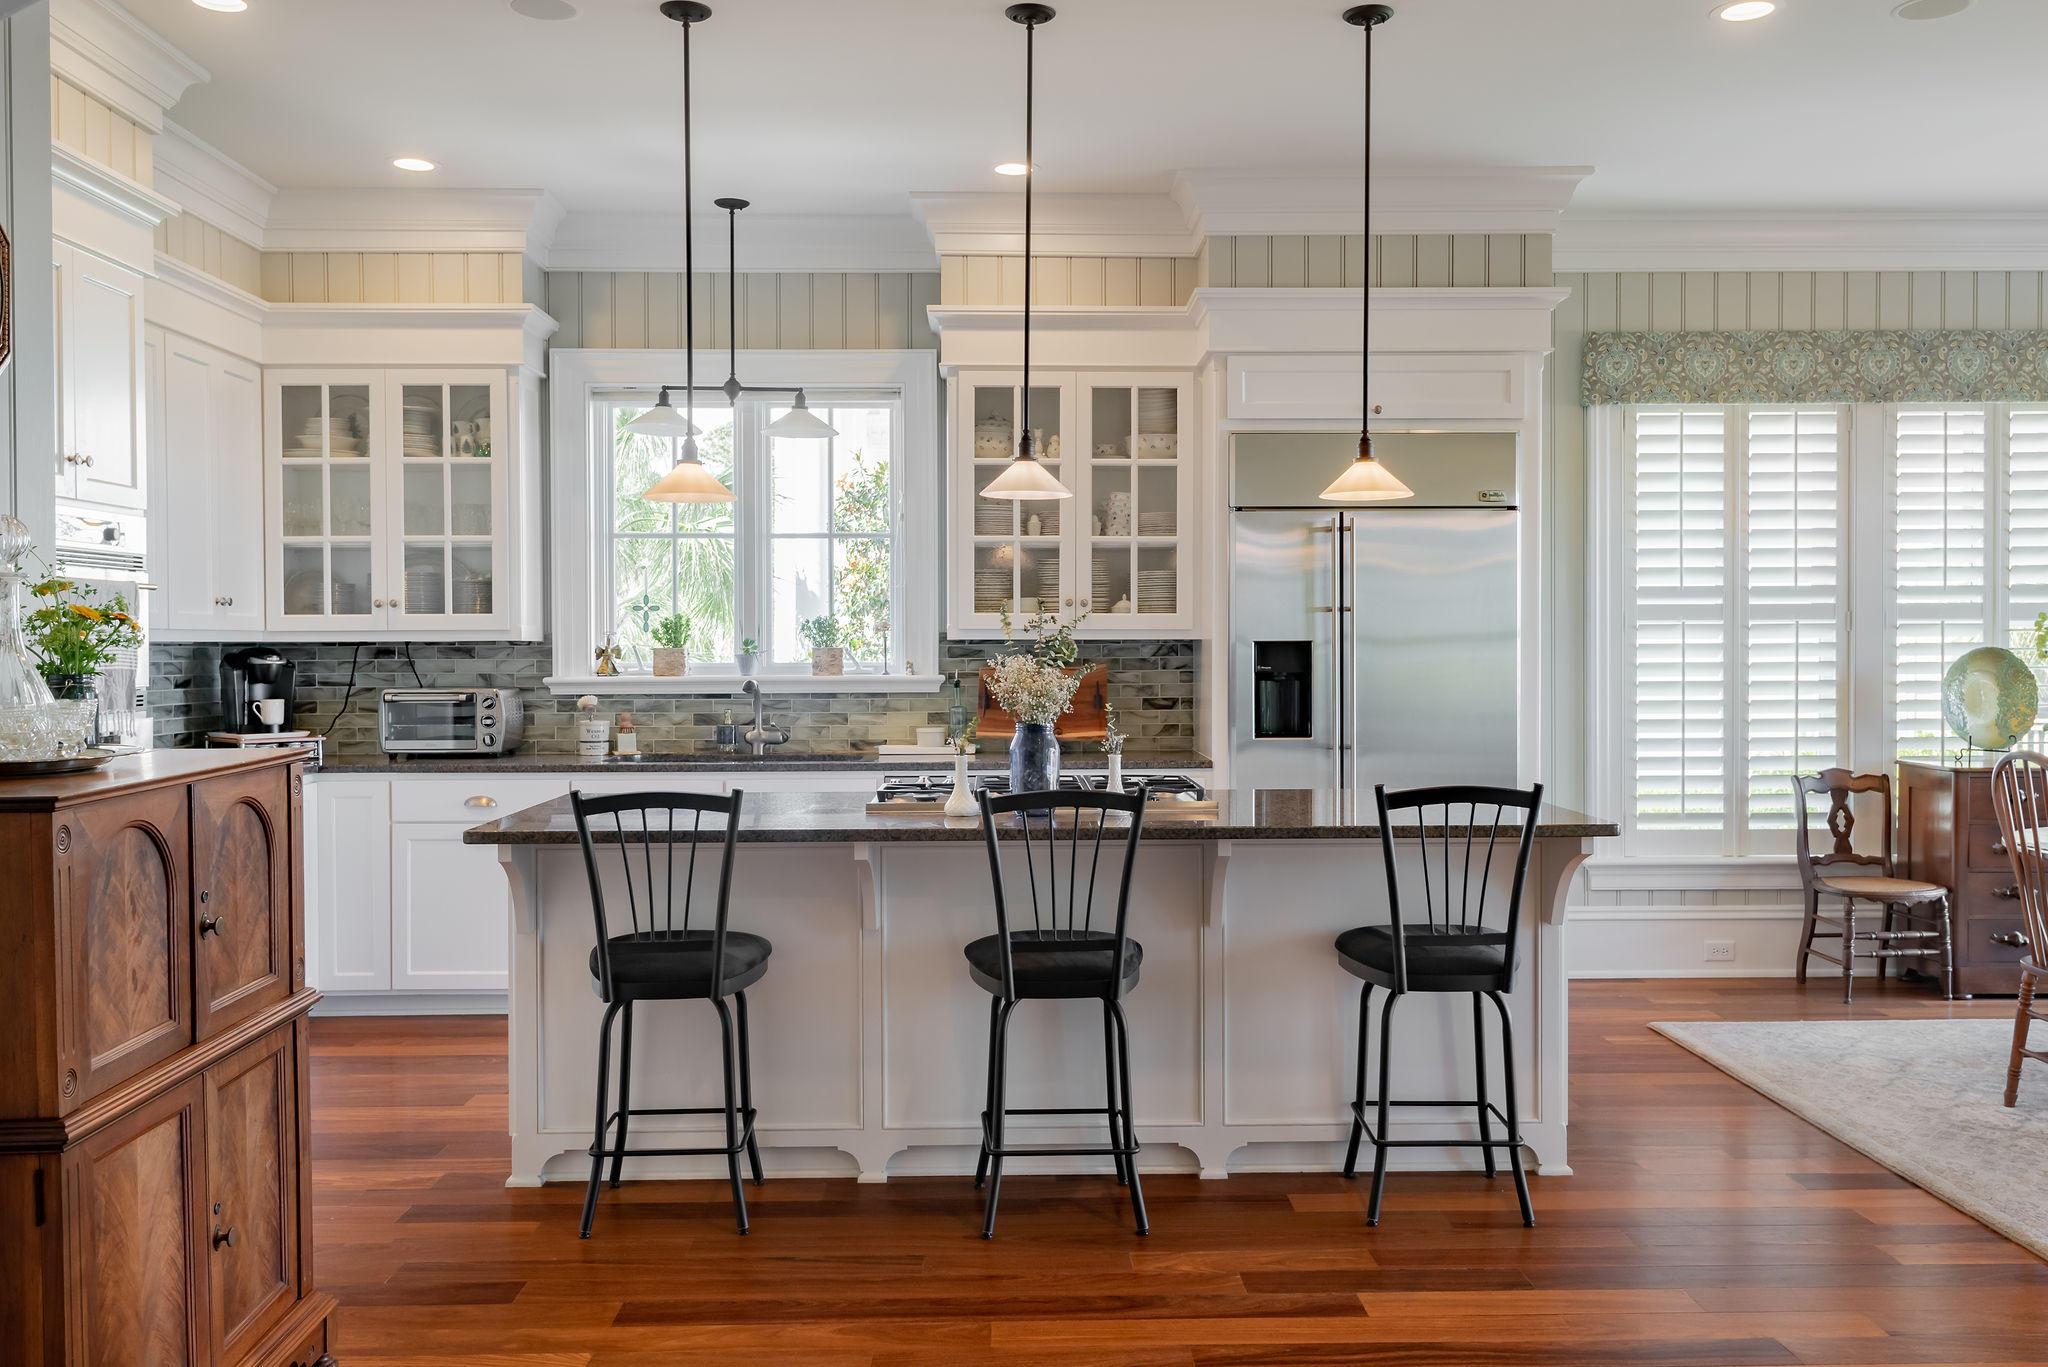 Hamlin Plantation Homes For Sale - 4923 Sound View, Mount Pleasant, SC - 11